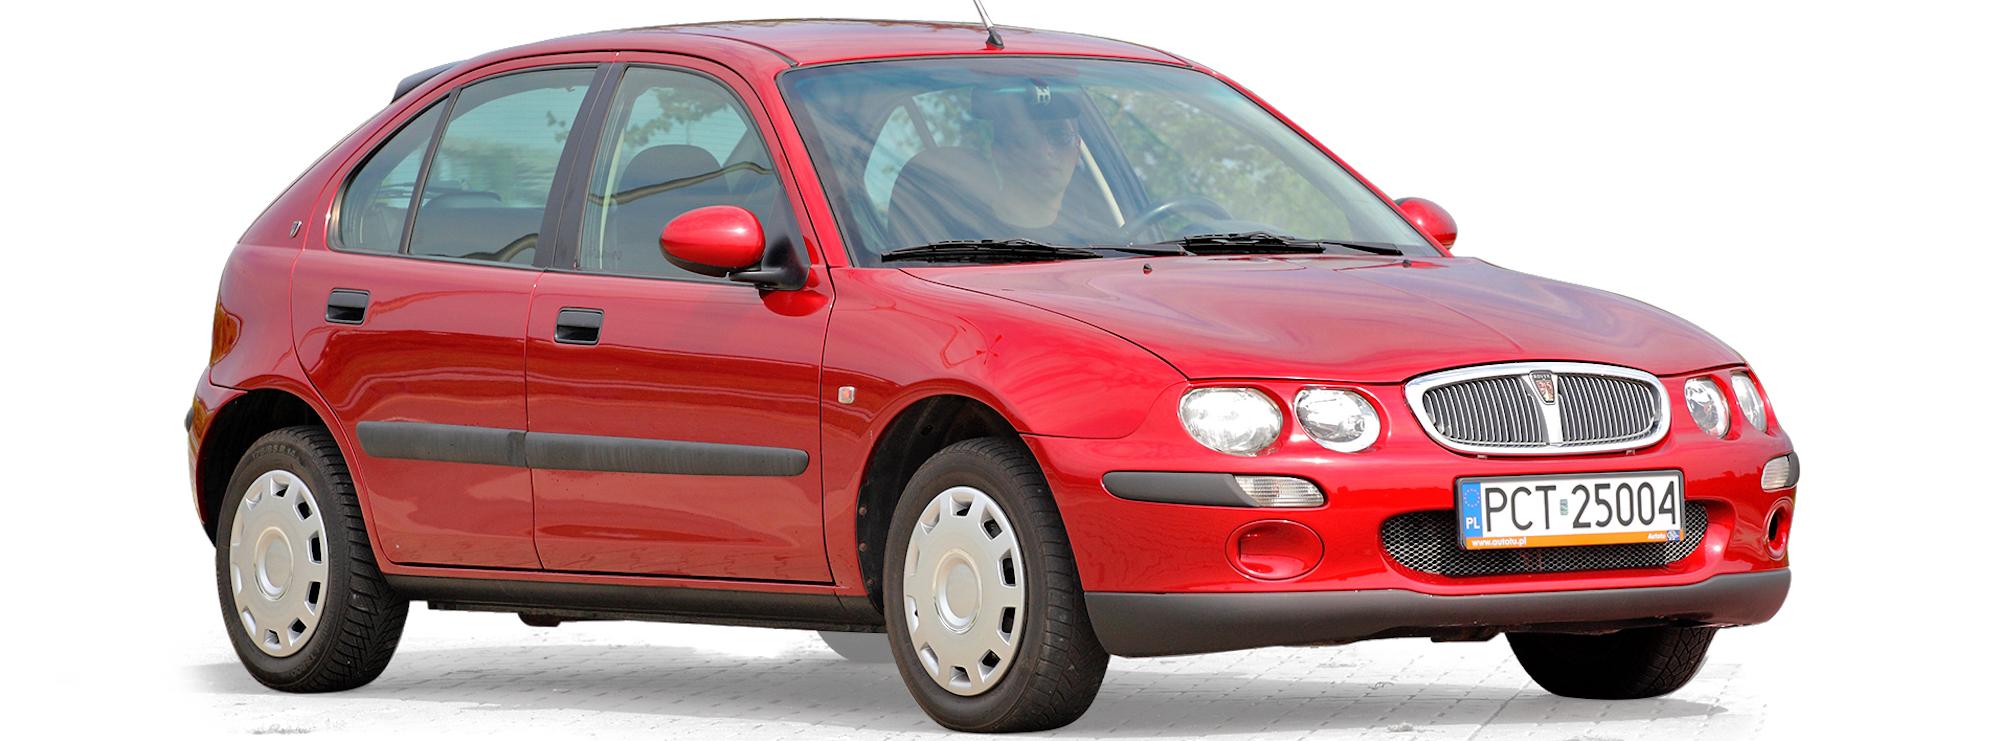 Rover 200/25 (1995-2005)